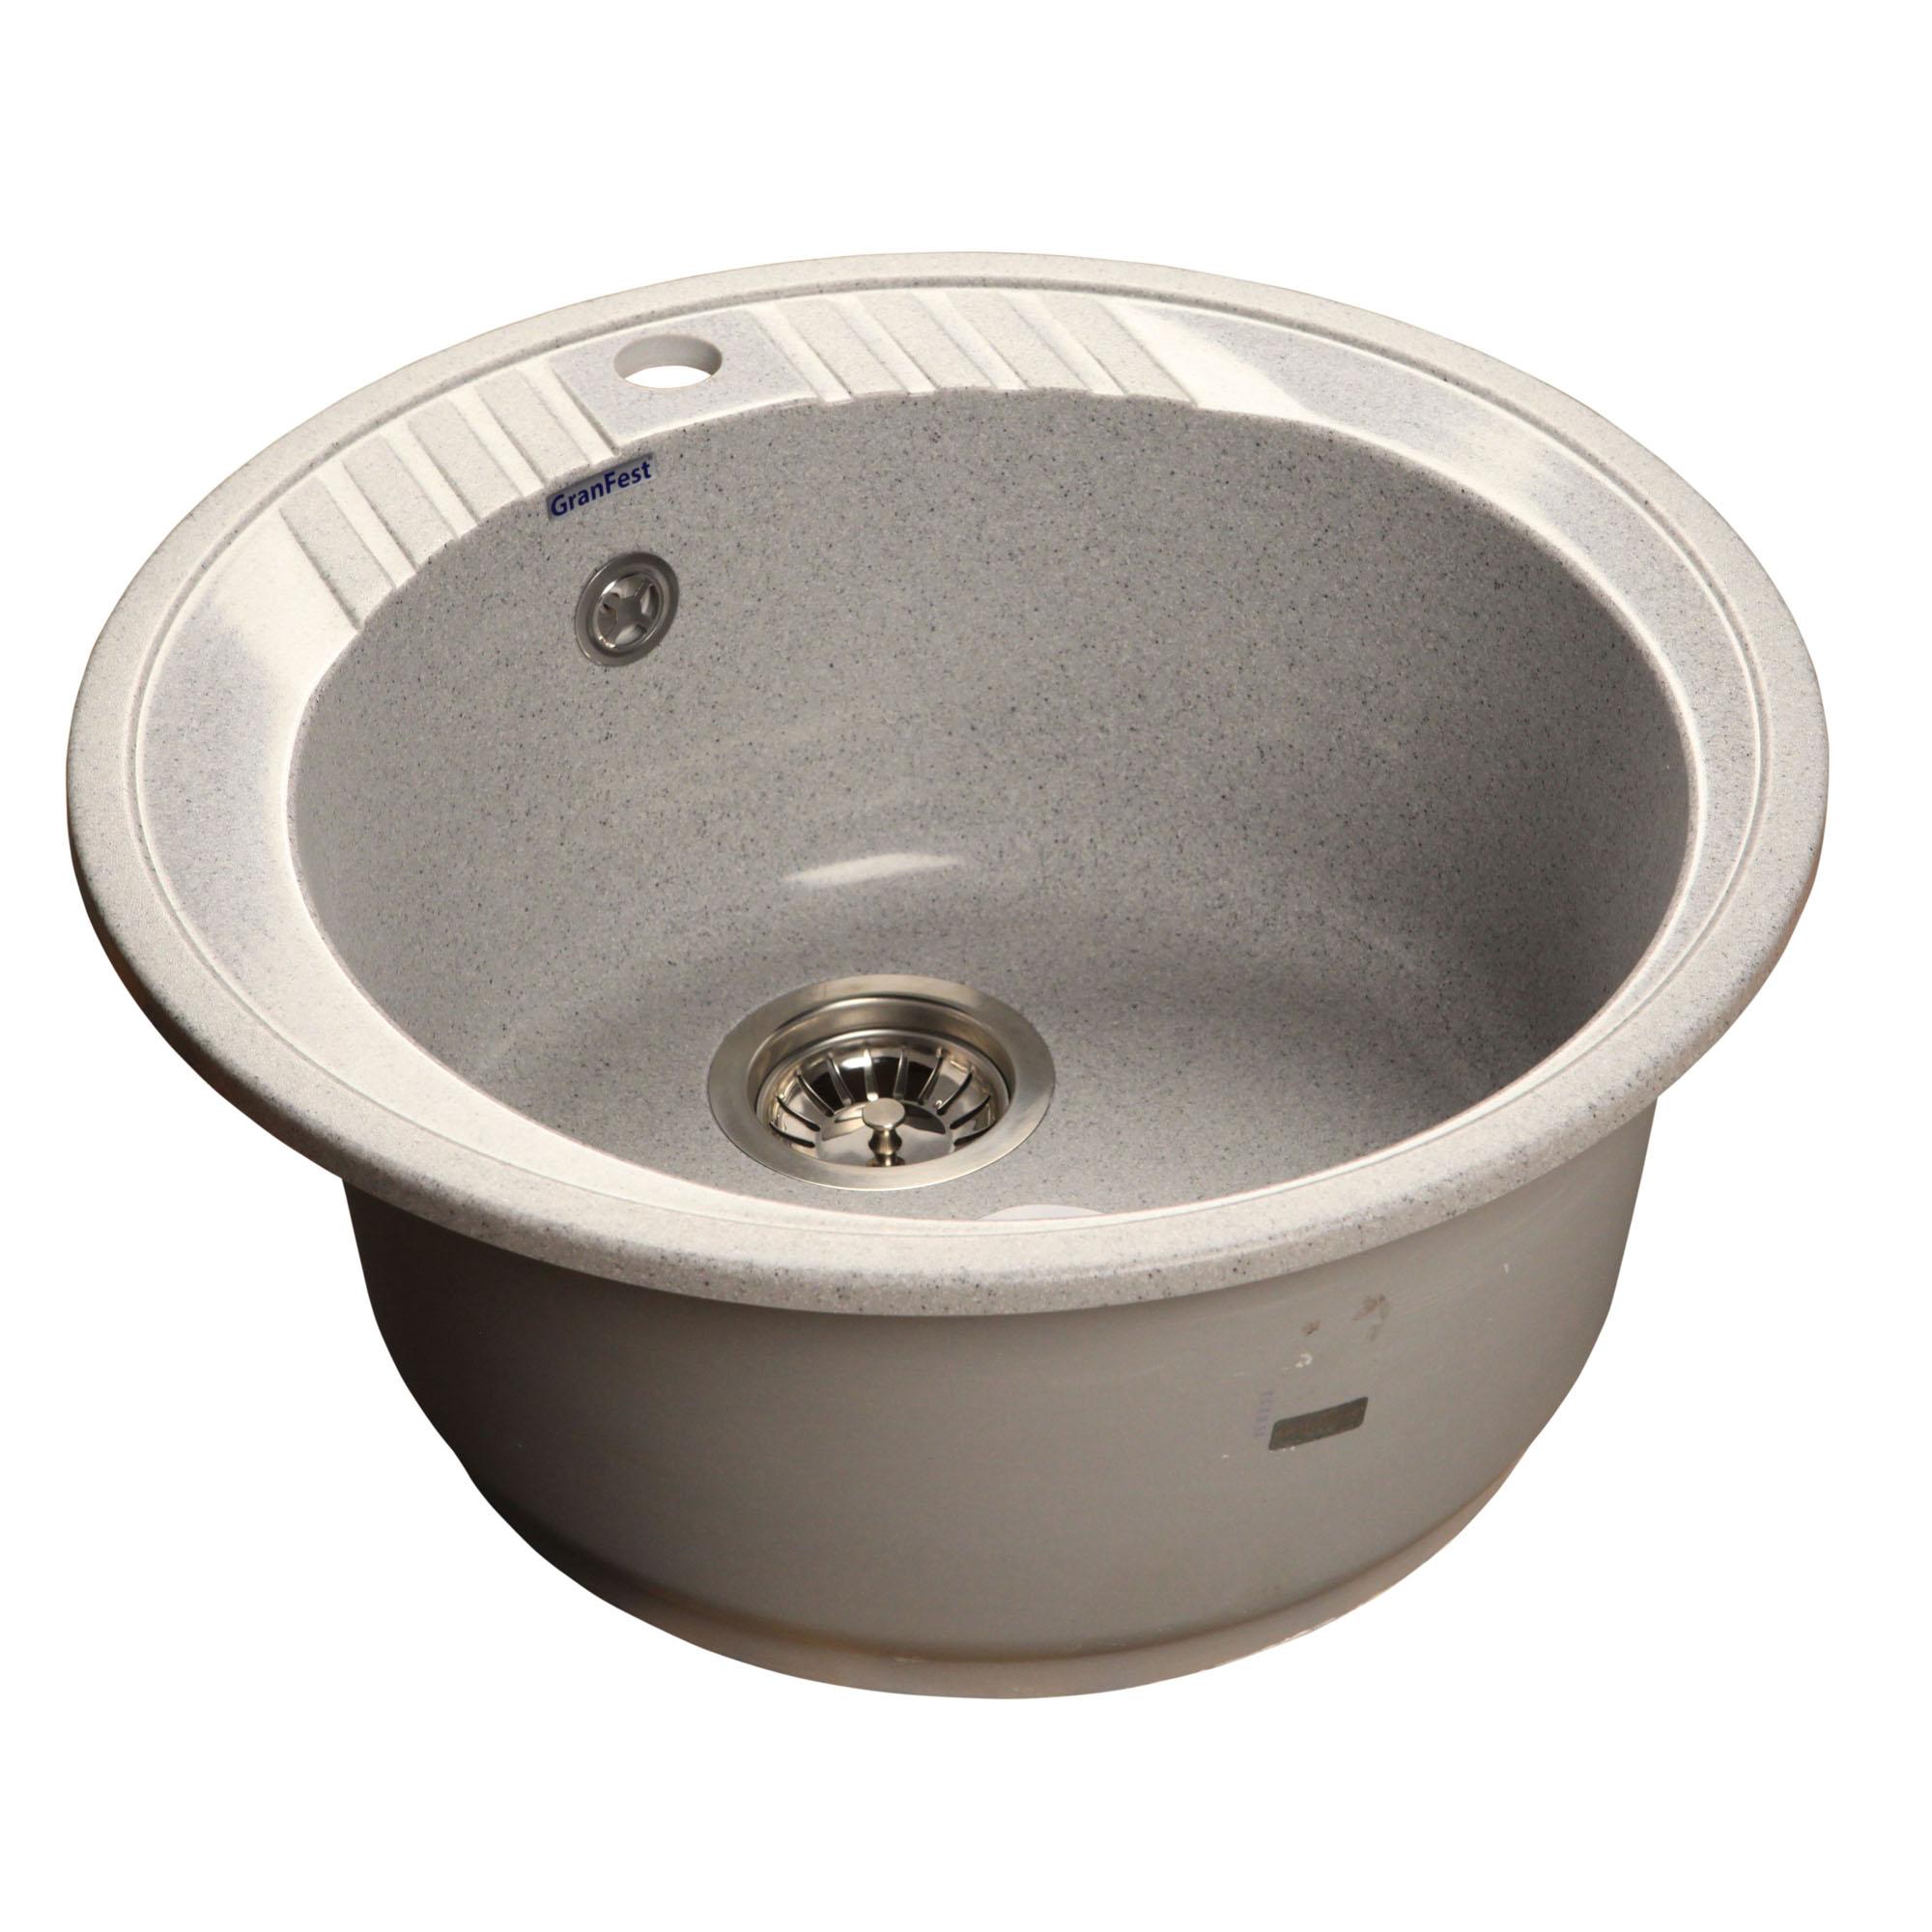 Кухонная мойка GranFest Rondo GF-R520 серый мойка кухонная granfest гранит d520 gf r520 терракот